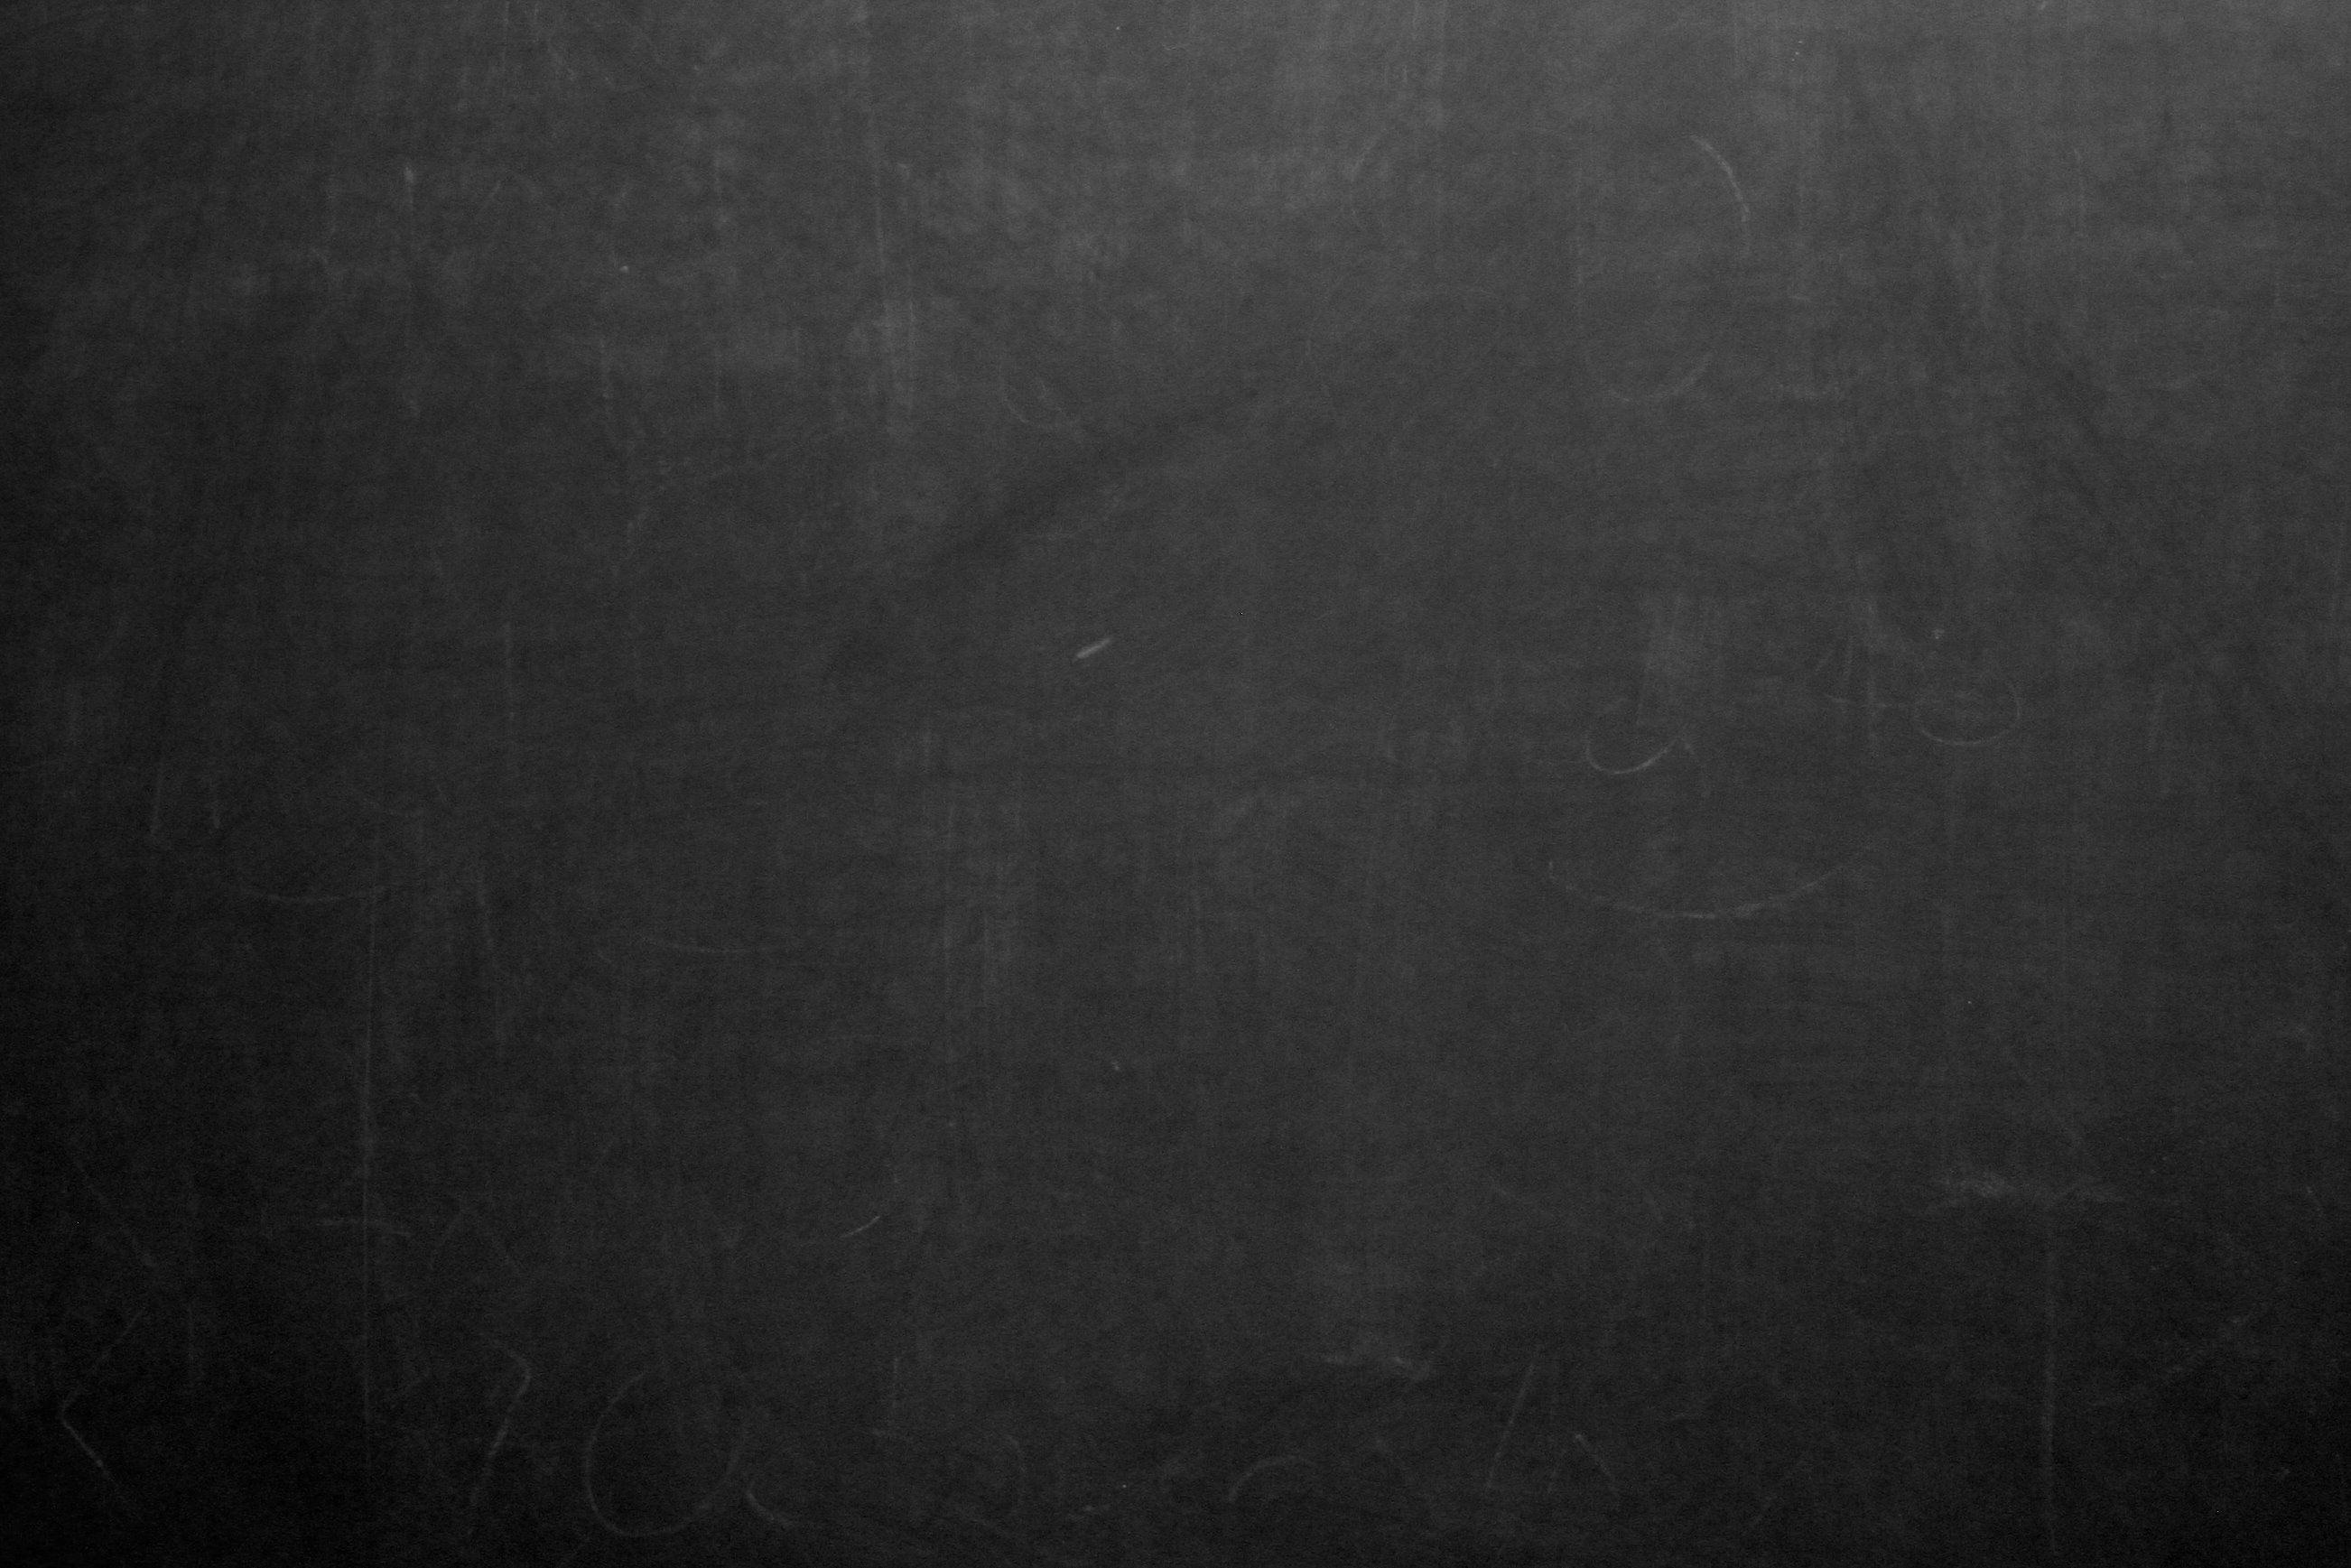 free chalkboard background